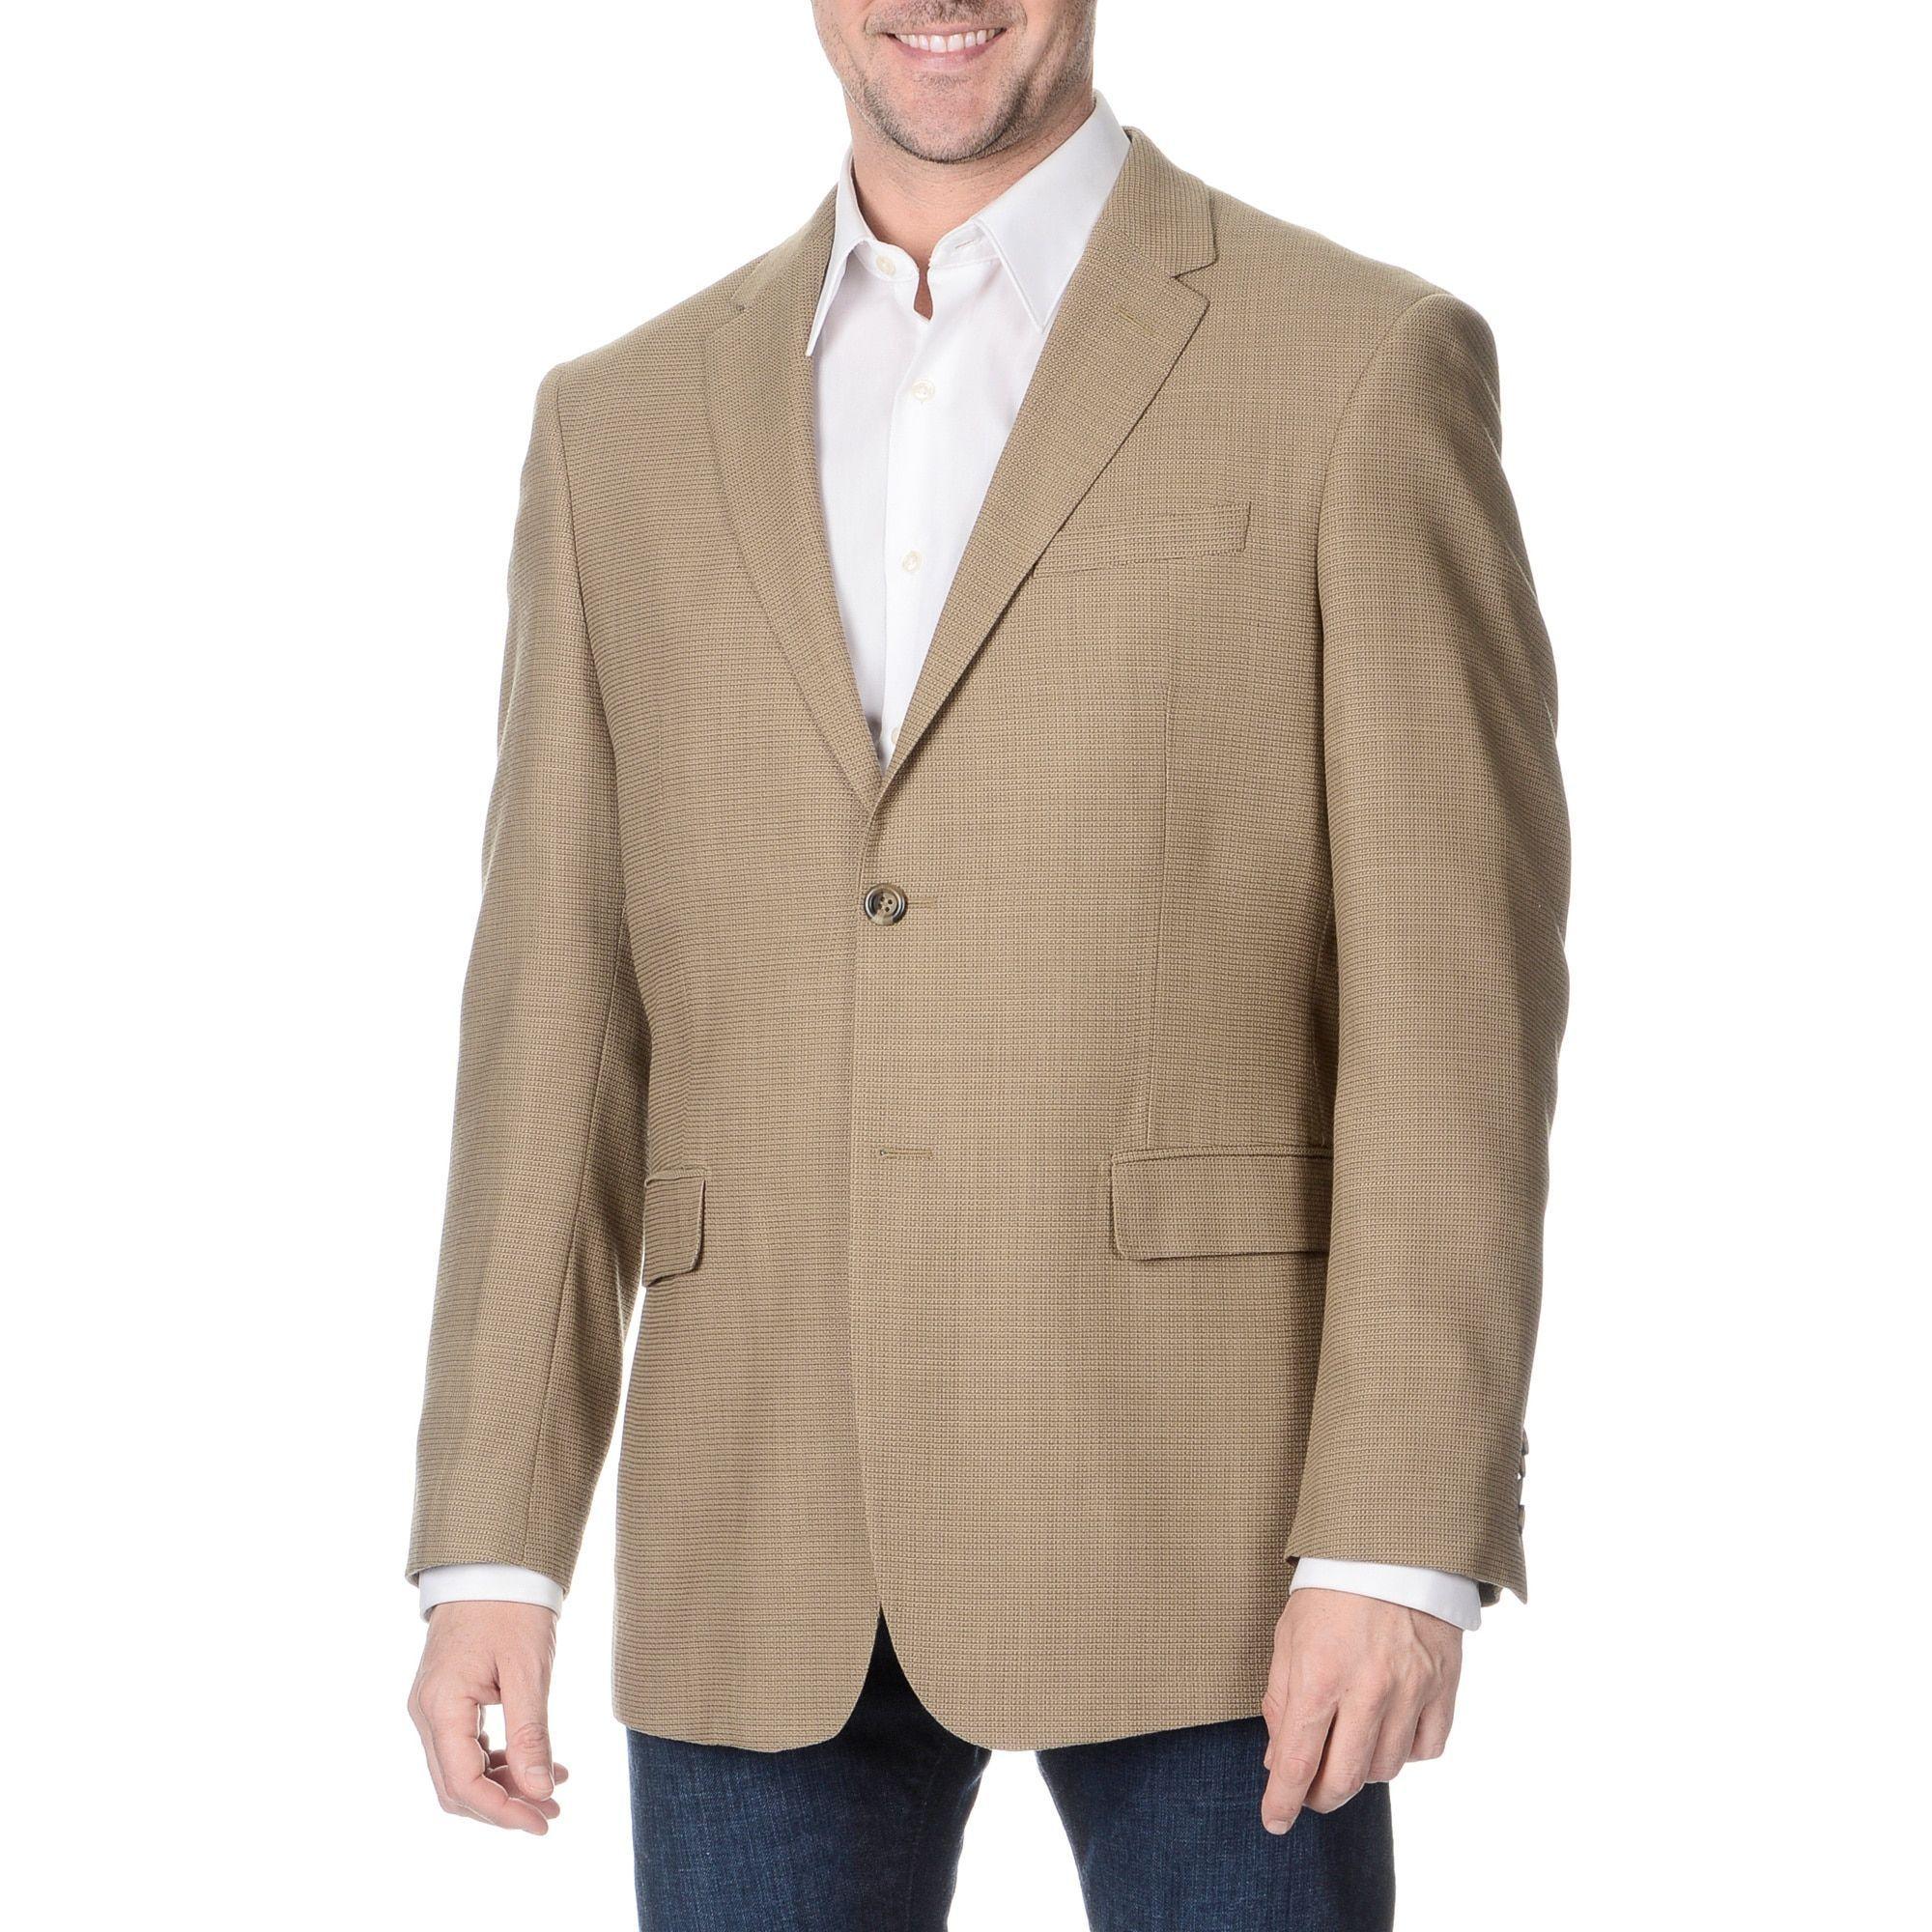 0434a12dd Pronto Moda Prontomoda Italia Men's Tan Jacket | Products | Jackets ...